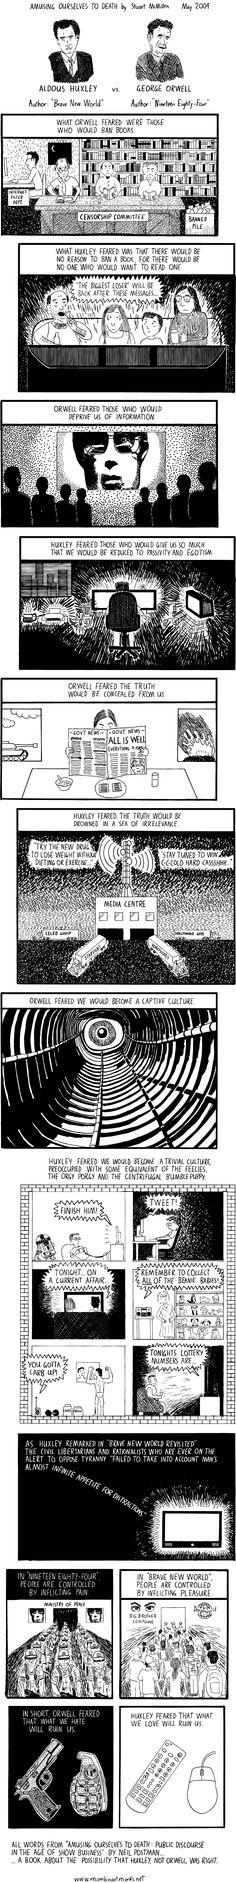 Huxley's dystopia vs Orwell's